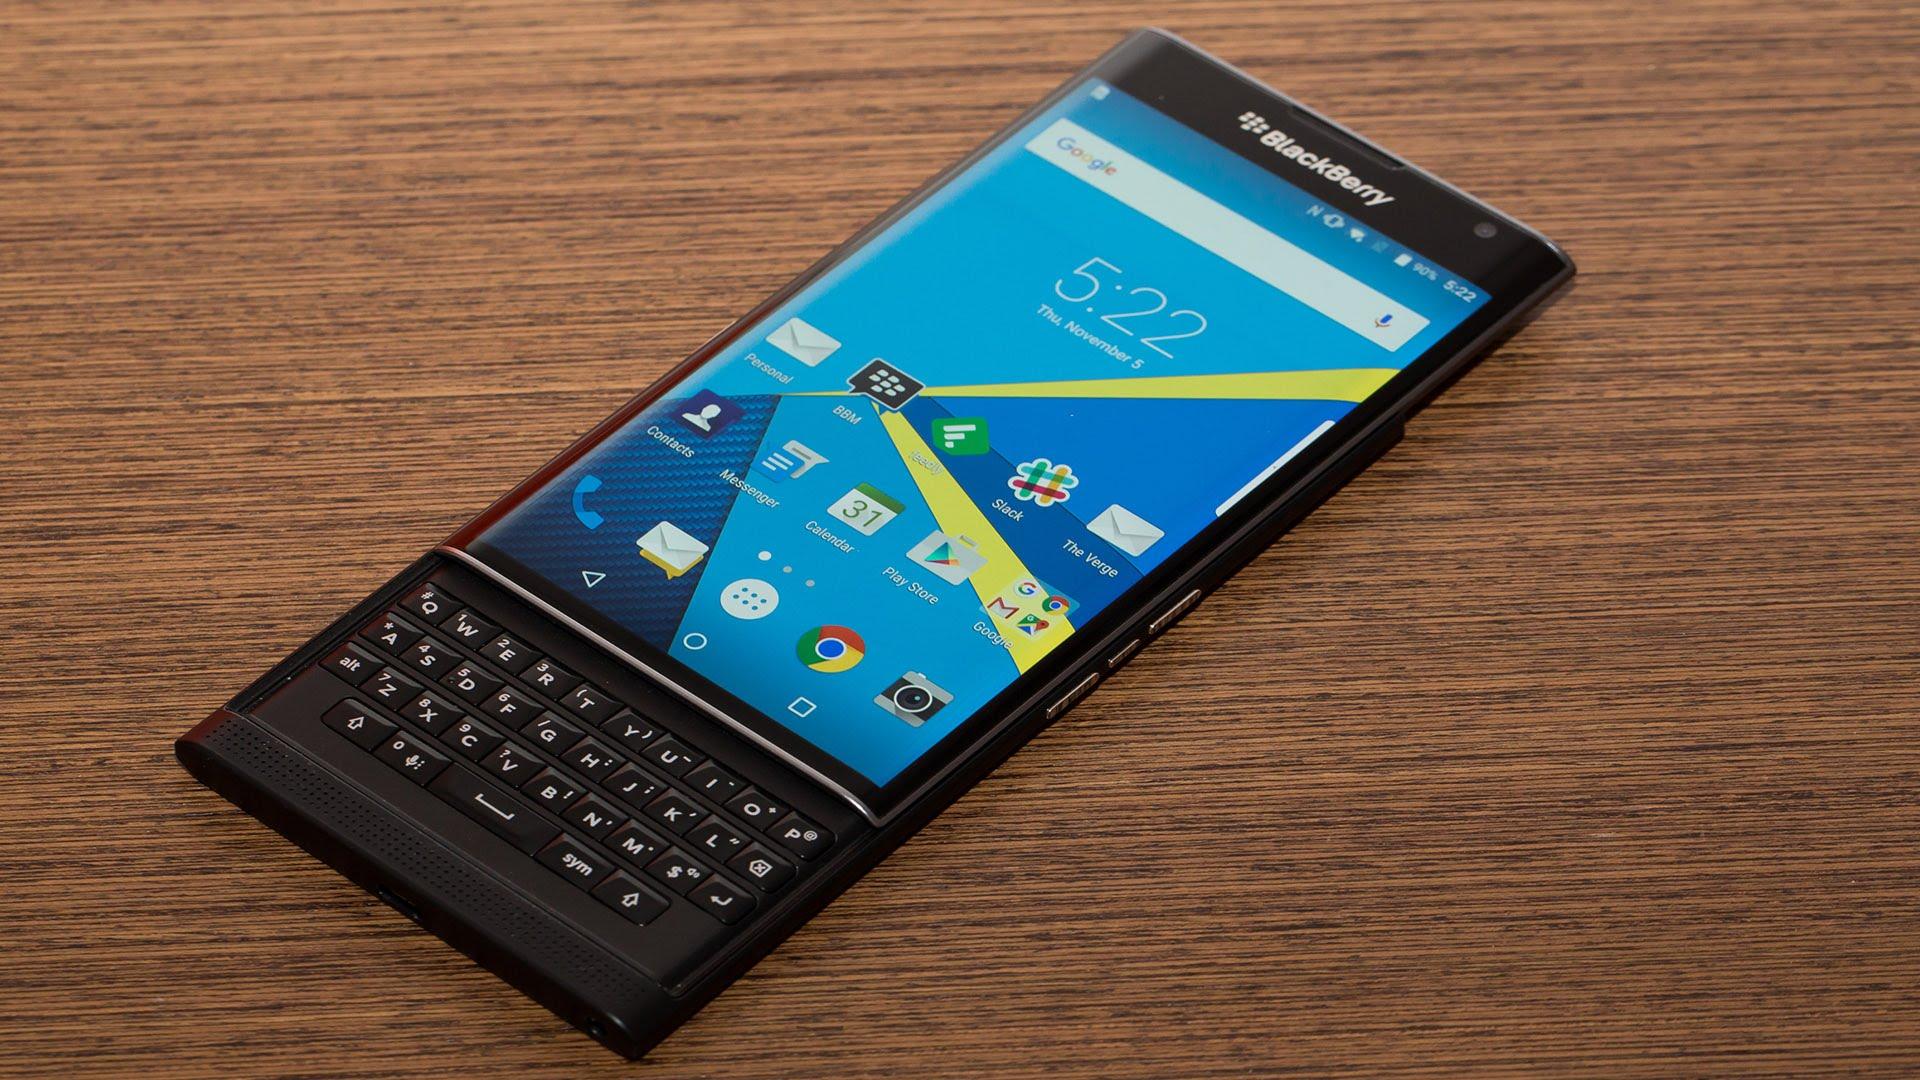 Blackberry Priv chính hãng bất ngờ giảm tới 5 triệu đồng chỉ trong chưa đầy 1 năm